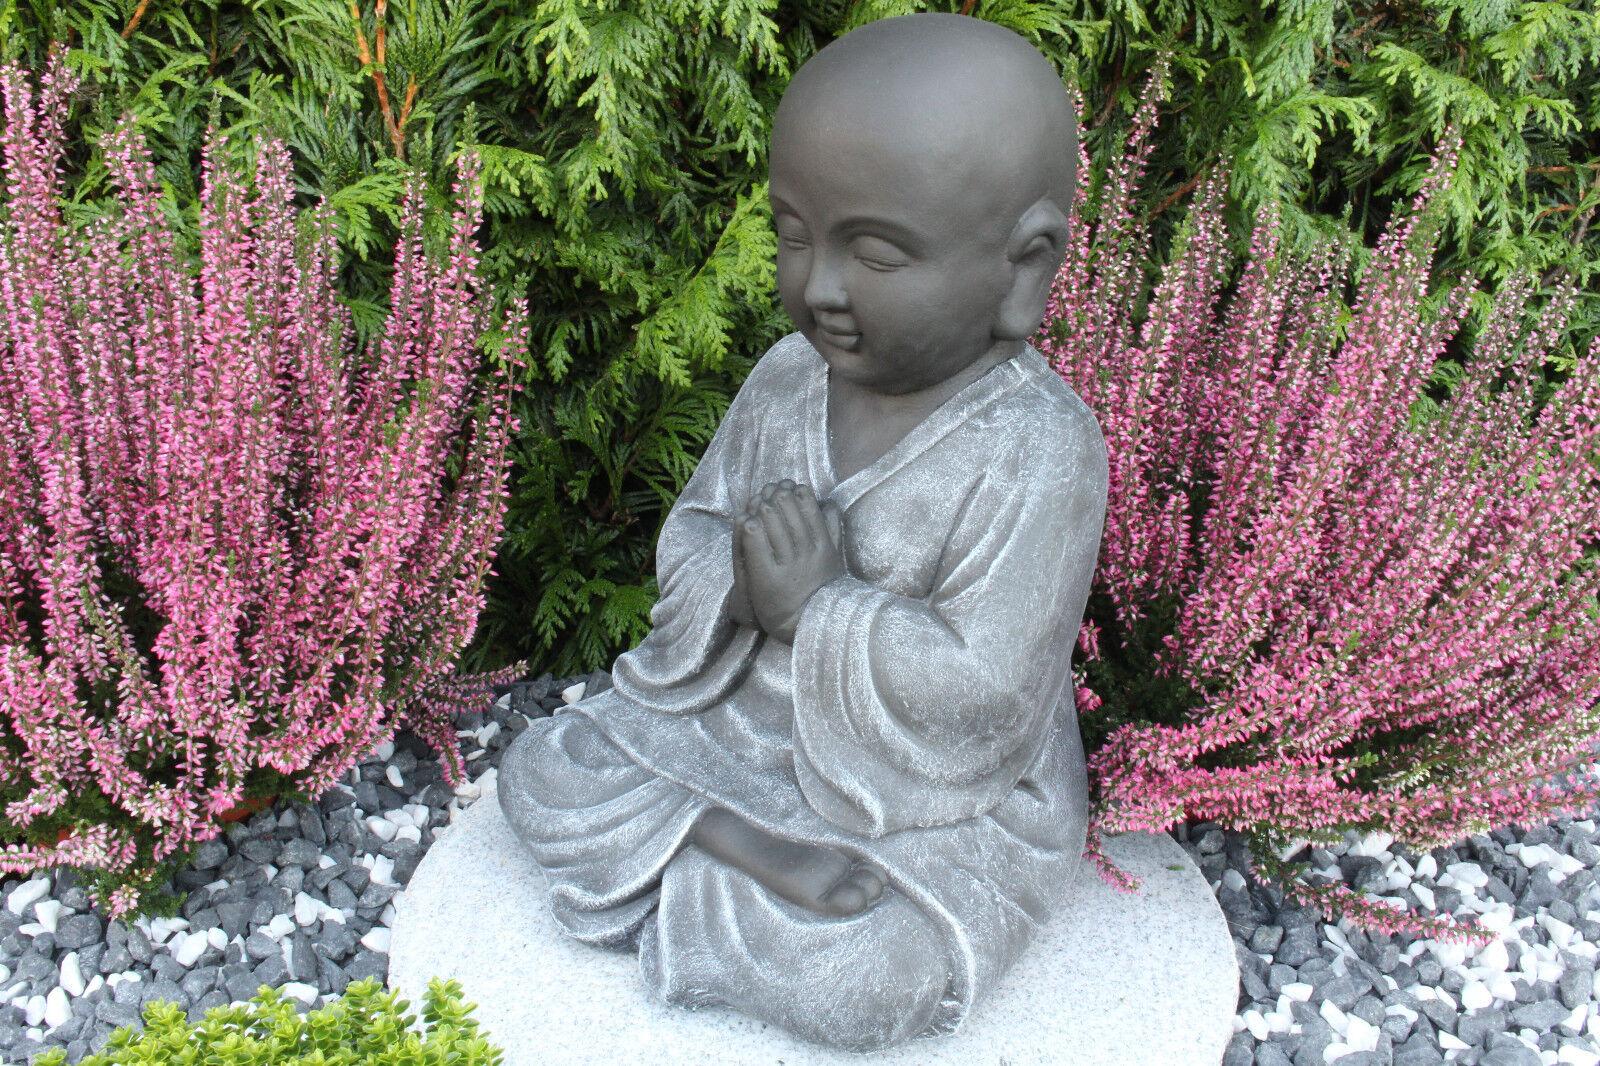 steinfigur buddha m nch feng shui gartenfigur gartendeko geschenk skulptur eur 45 95. Black Bedroom Furniture Sets. Home Design Ideas